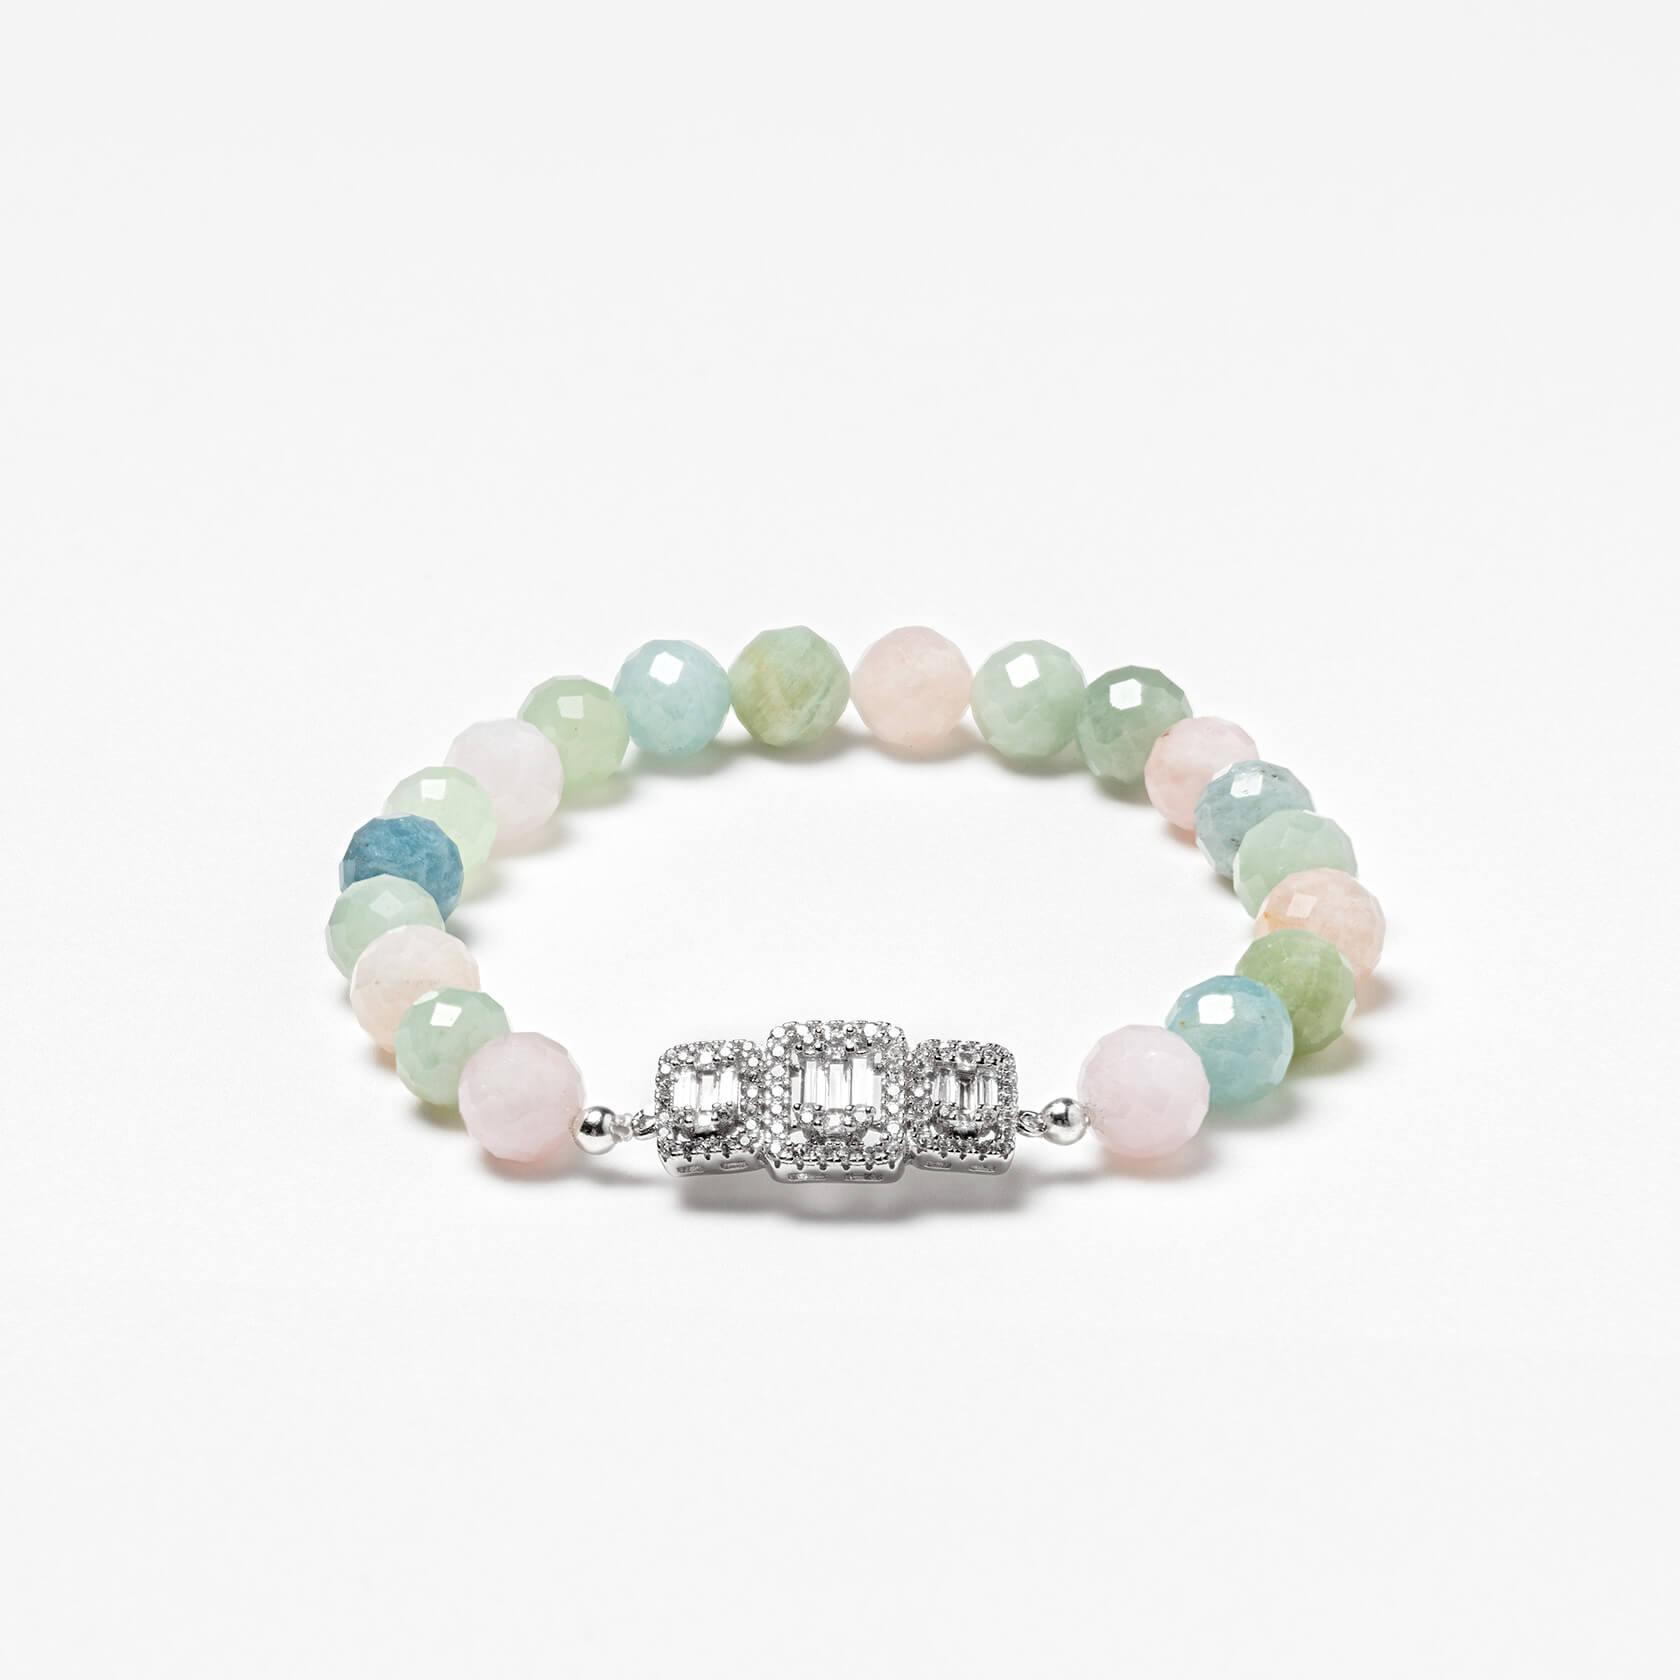 Nube aquamarine bracelet